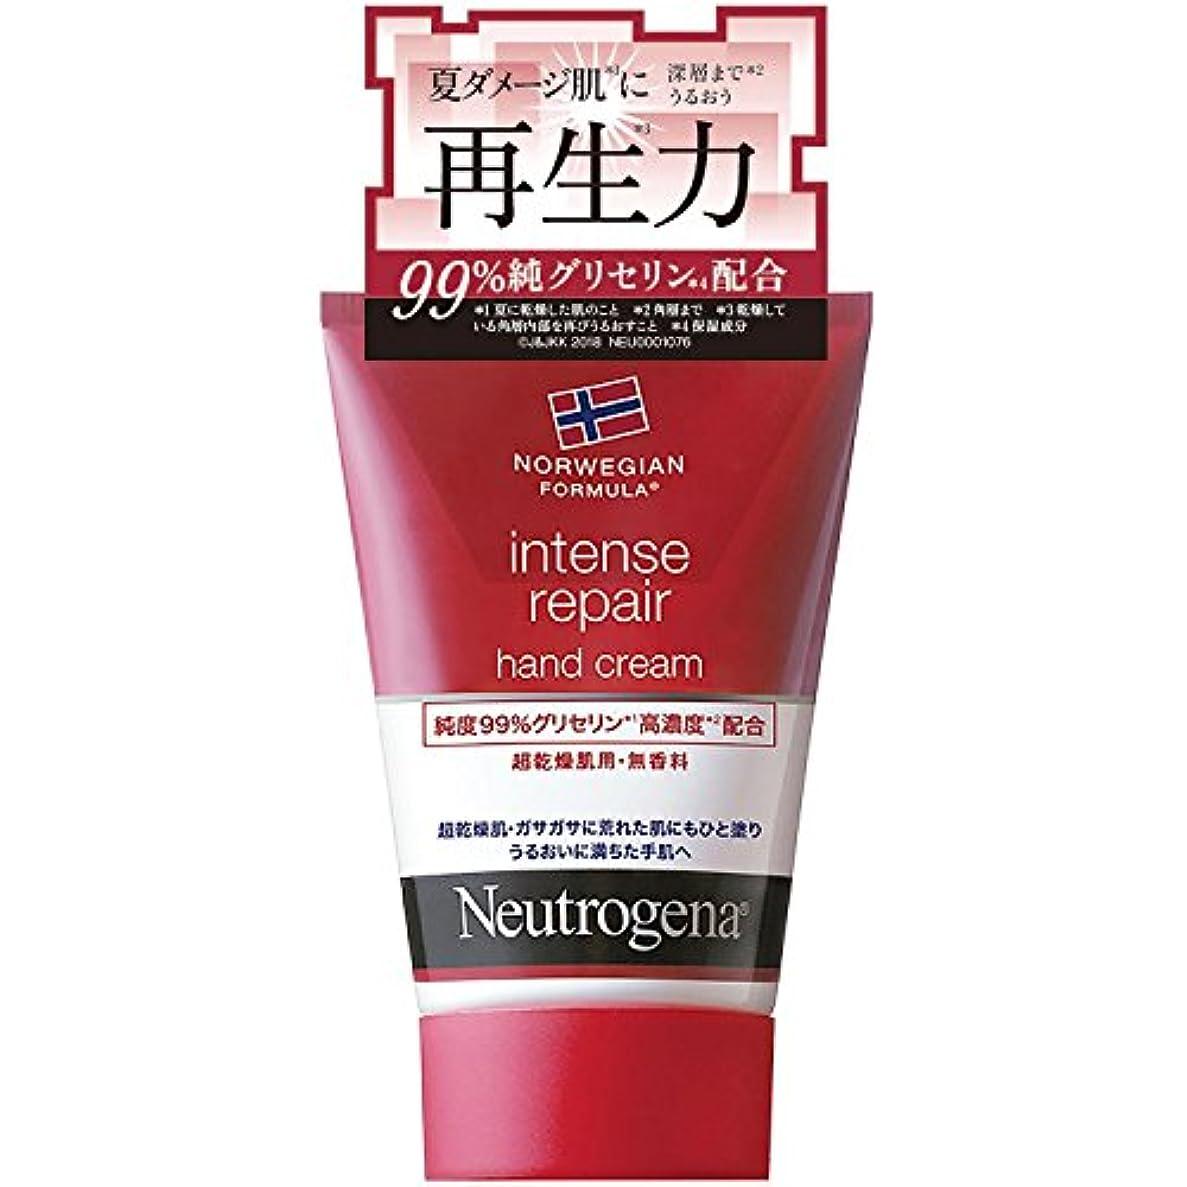 料理暴露分析Neutrogena(ニュートロジーナ) ノルウェーフォーミュラ インテンスリペア ハンドクリーム 超乾燥肌用 無香料 単品 50g